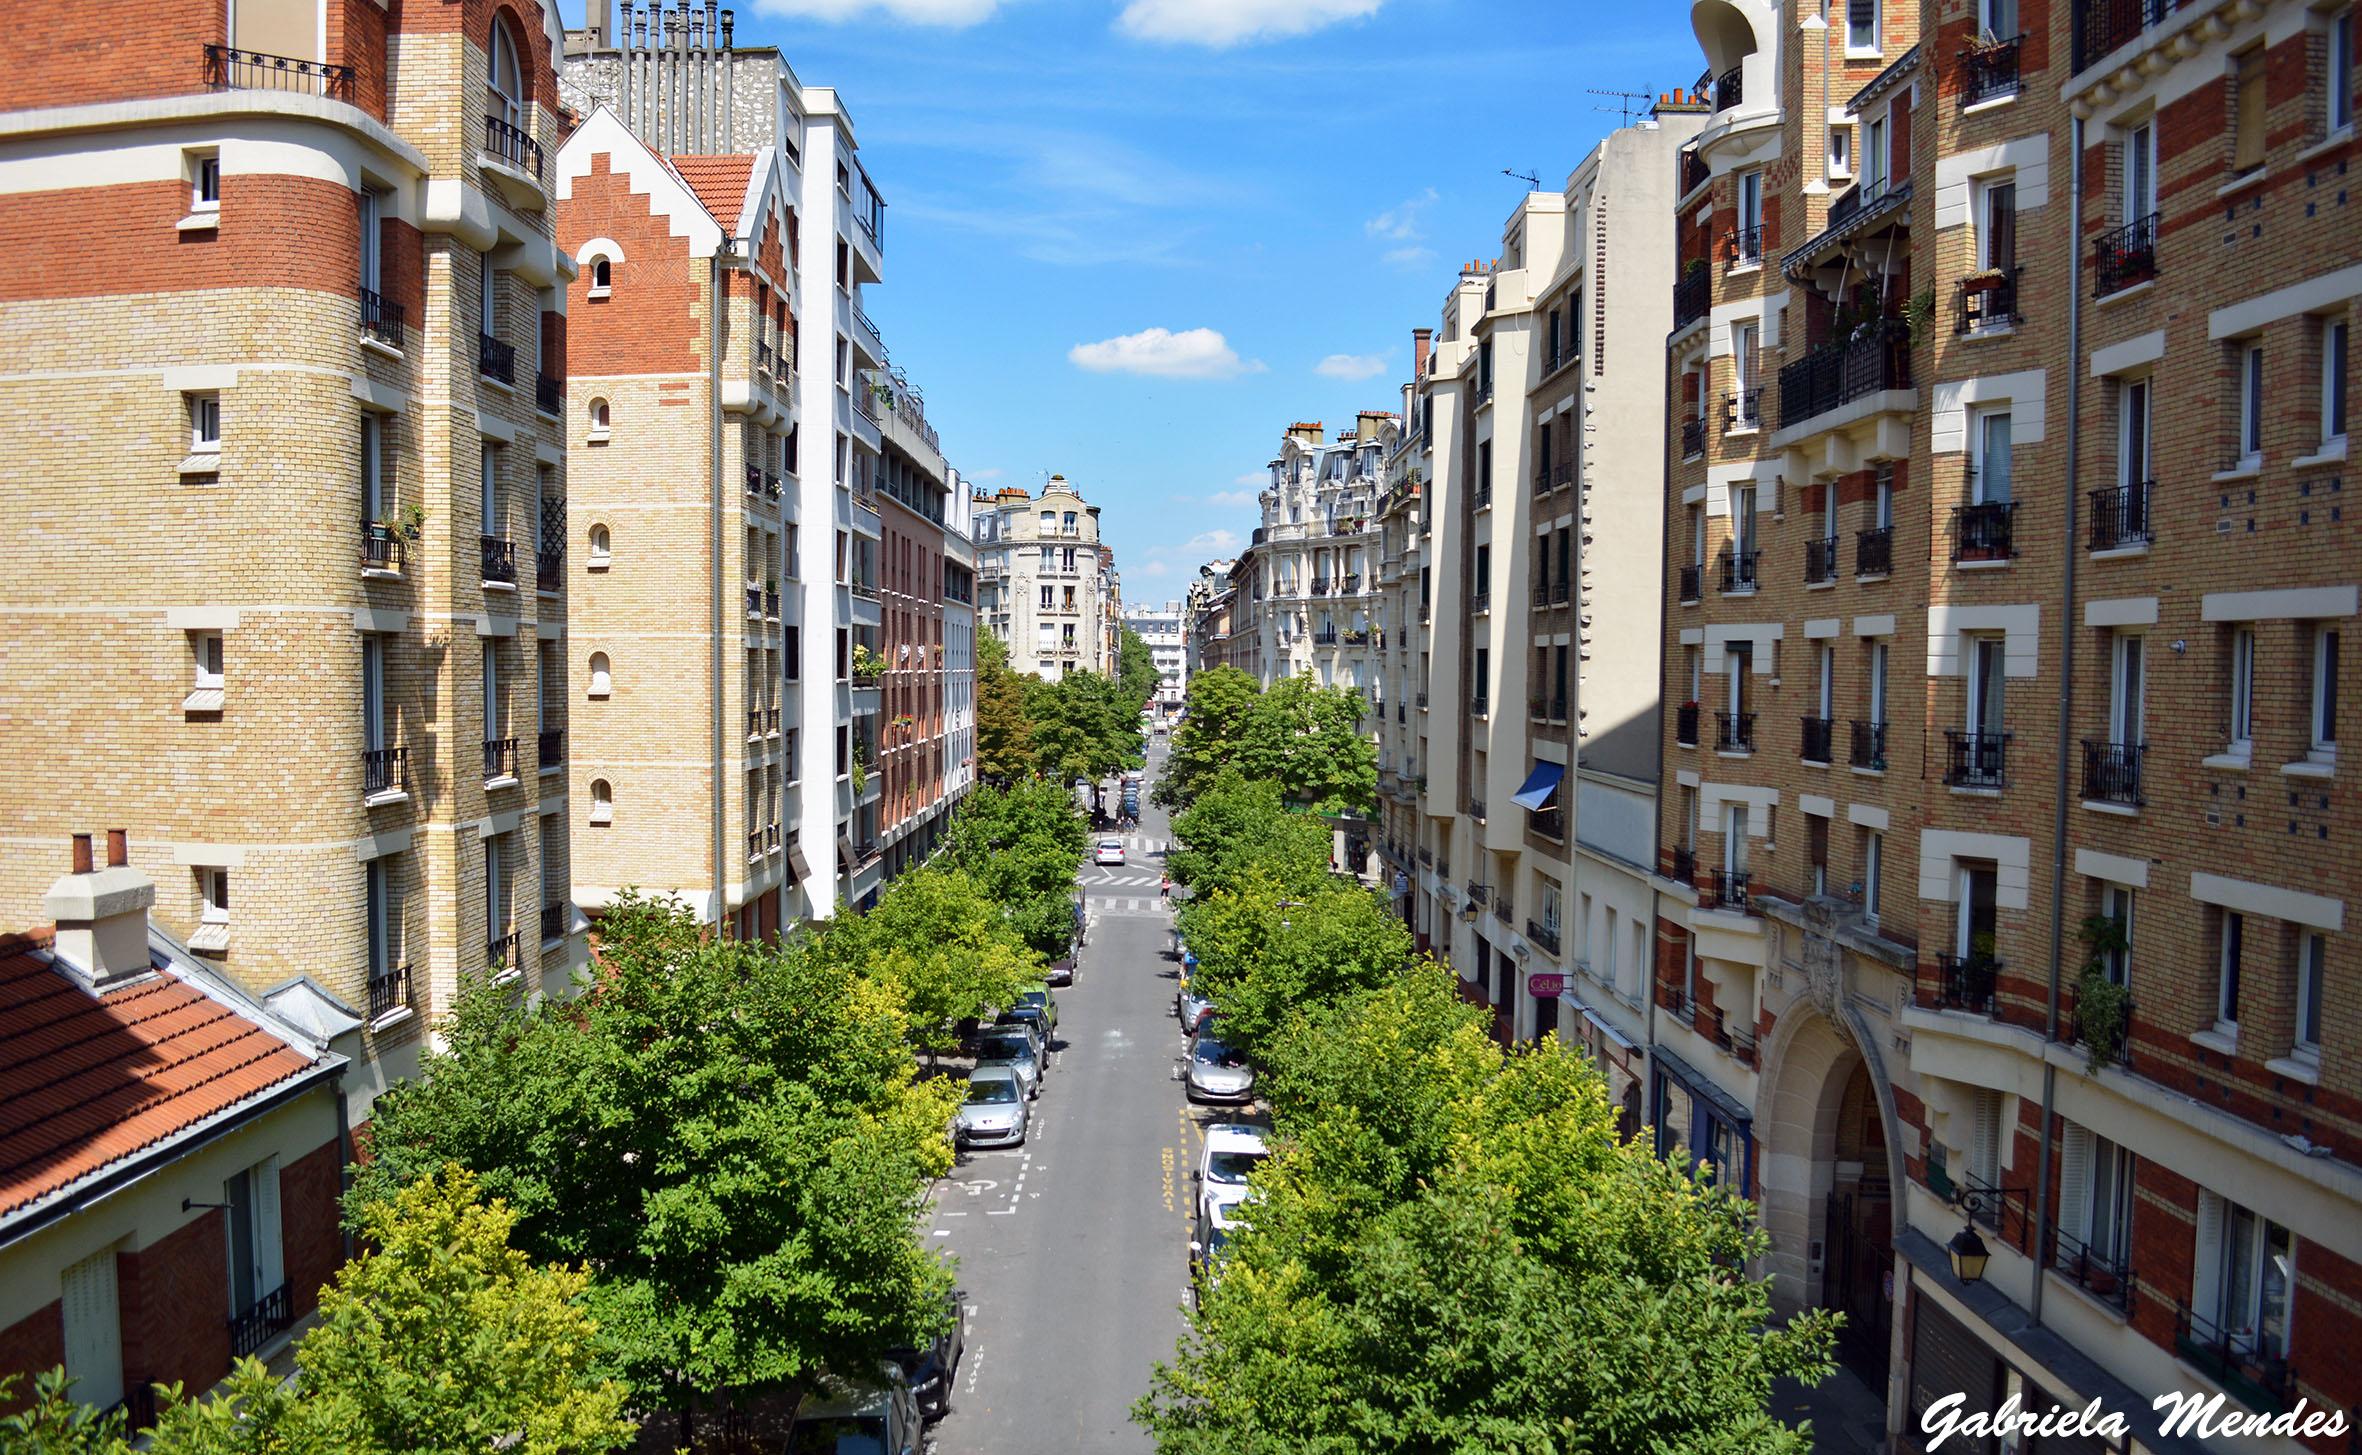 Uma das vistas que se tem na Promenade Plantée. Dá até para dar uma espiadinha no apartamento dos outros :P